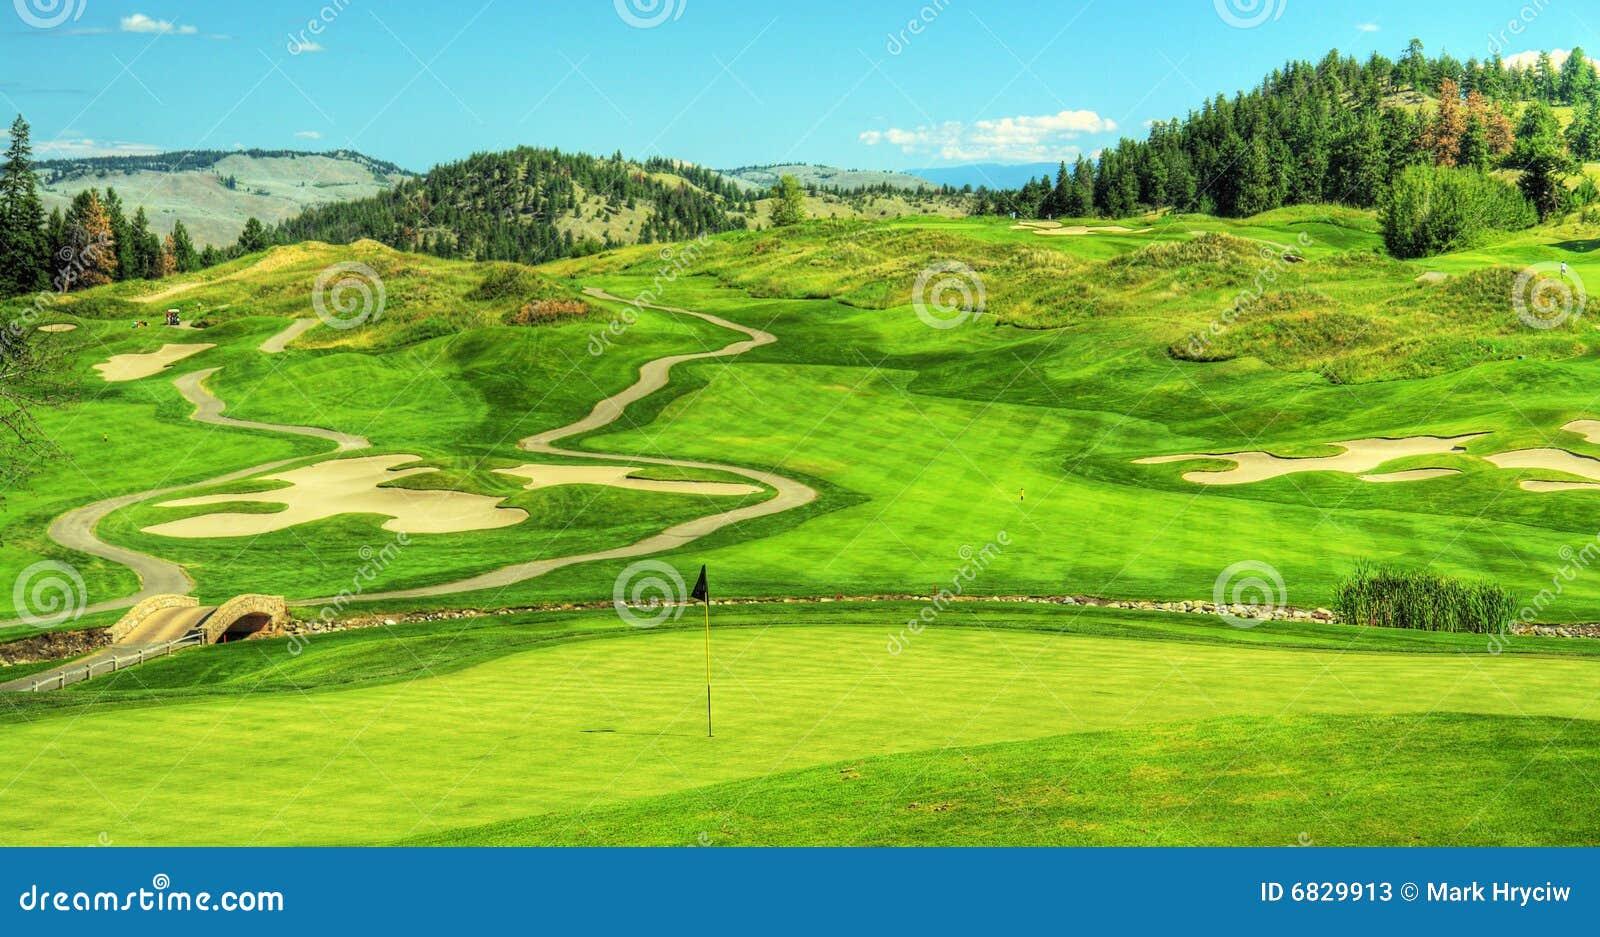 Golf Course Golfing Panorama Stock Photos - Image: 6829913